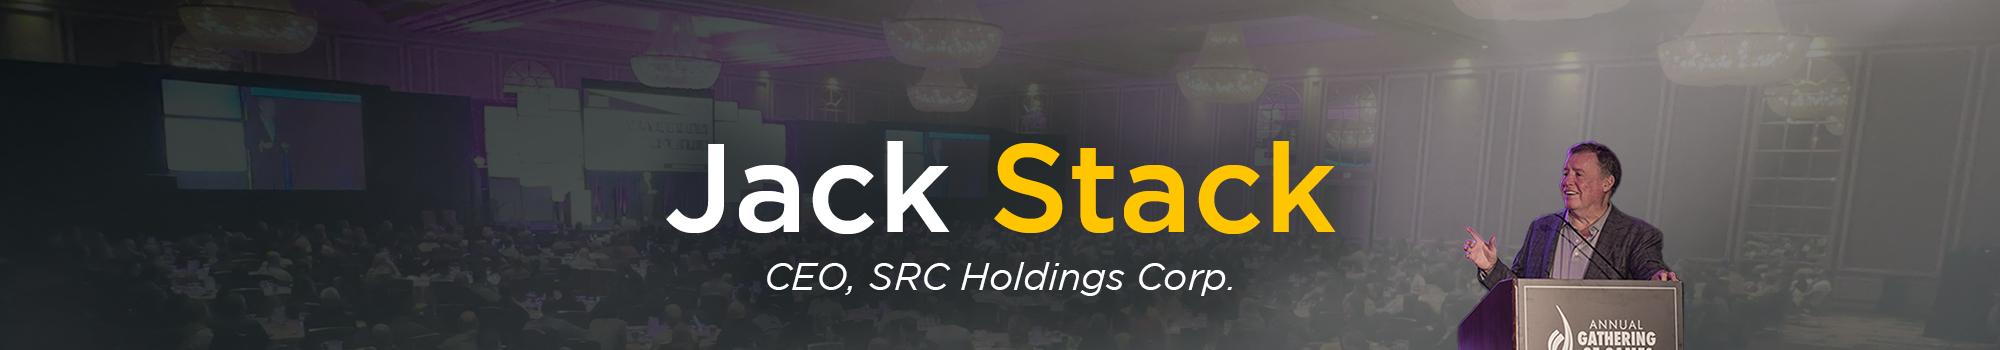 Jack Stack Landing Page Header-Apr-05-2021-06-21-19-51-PM